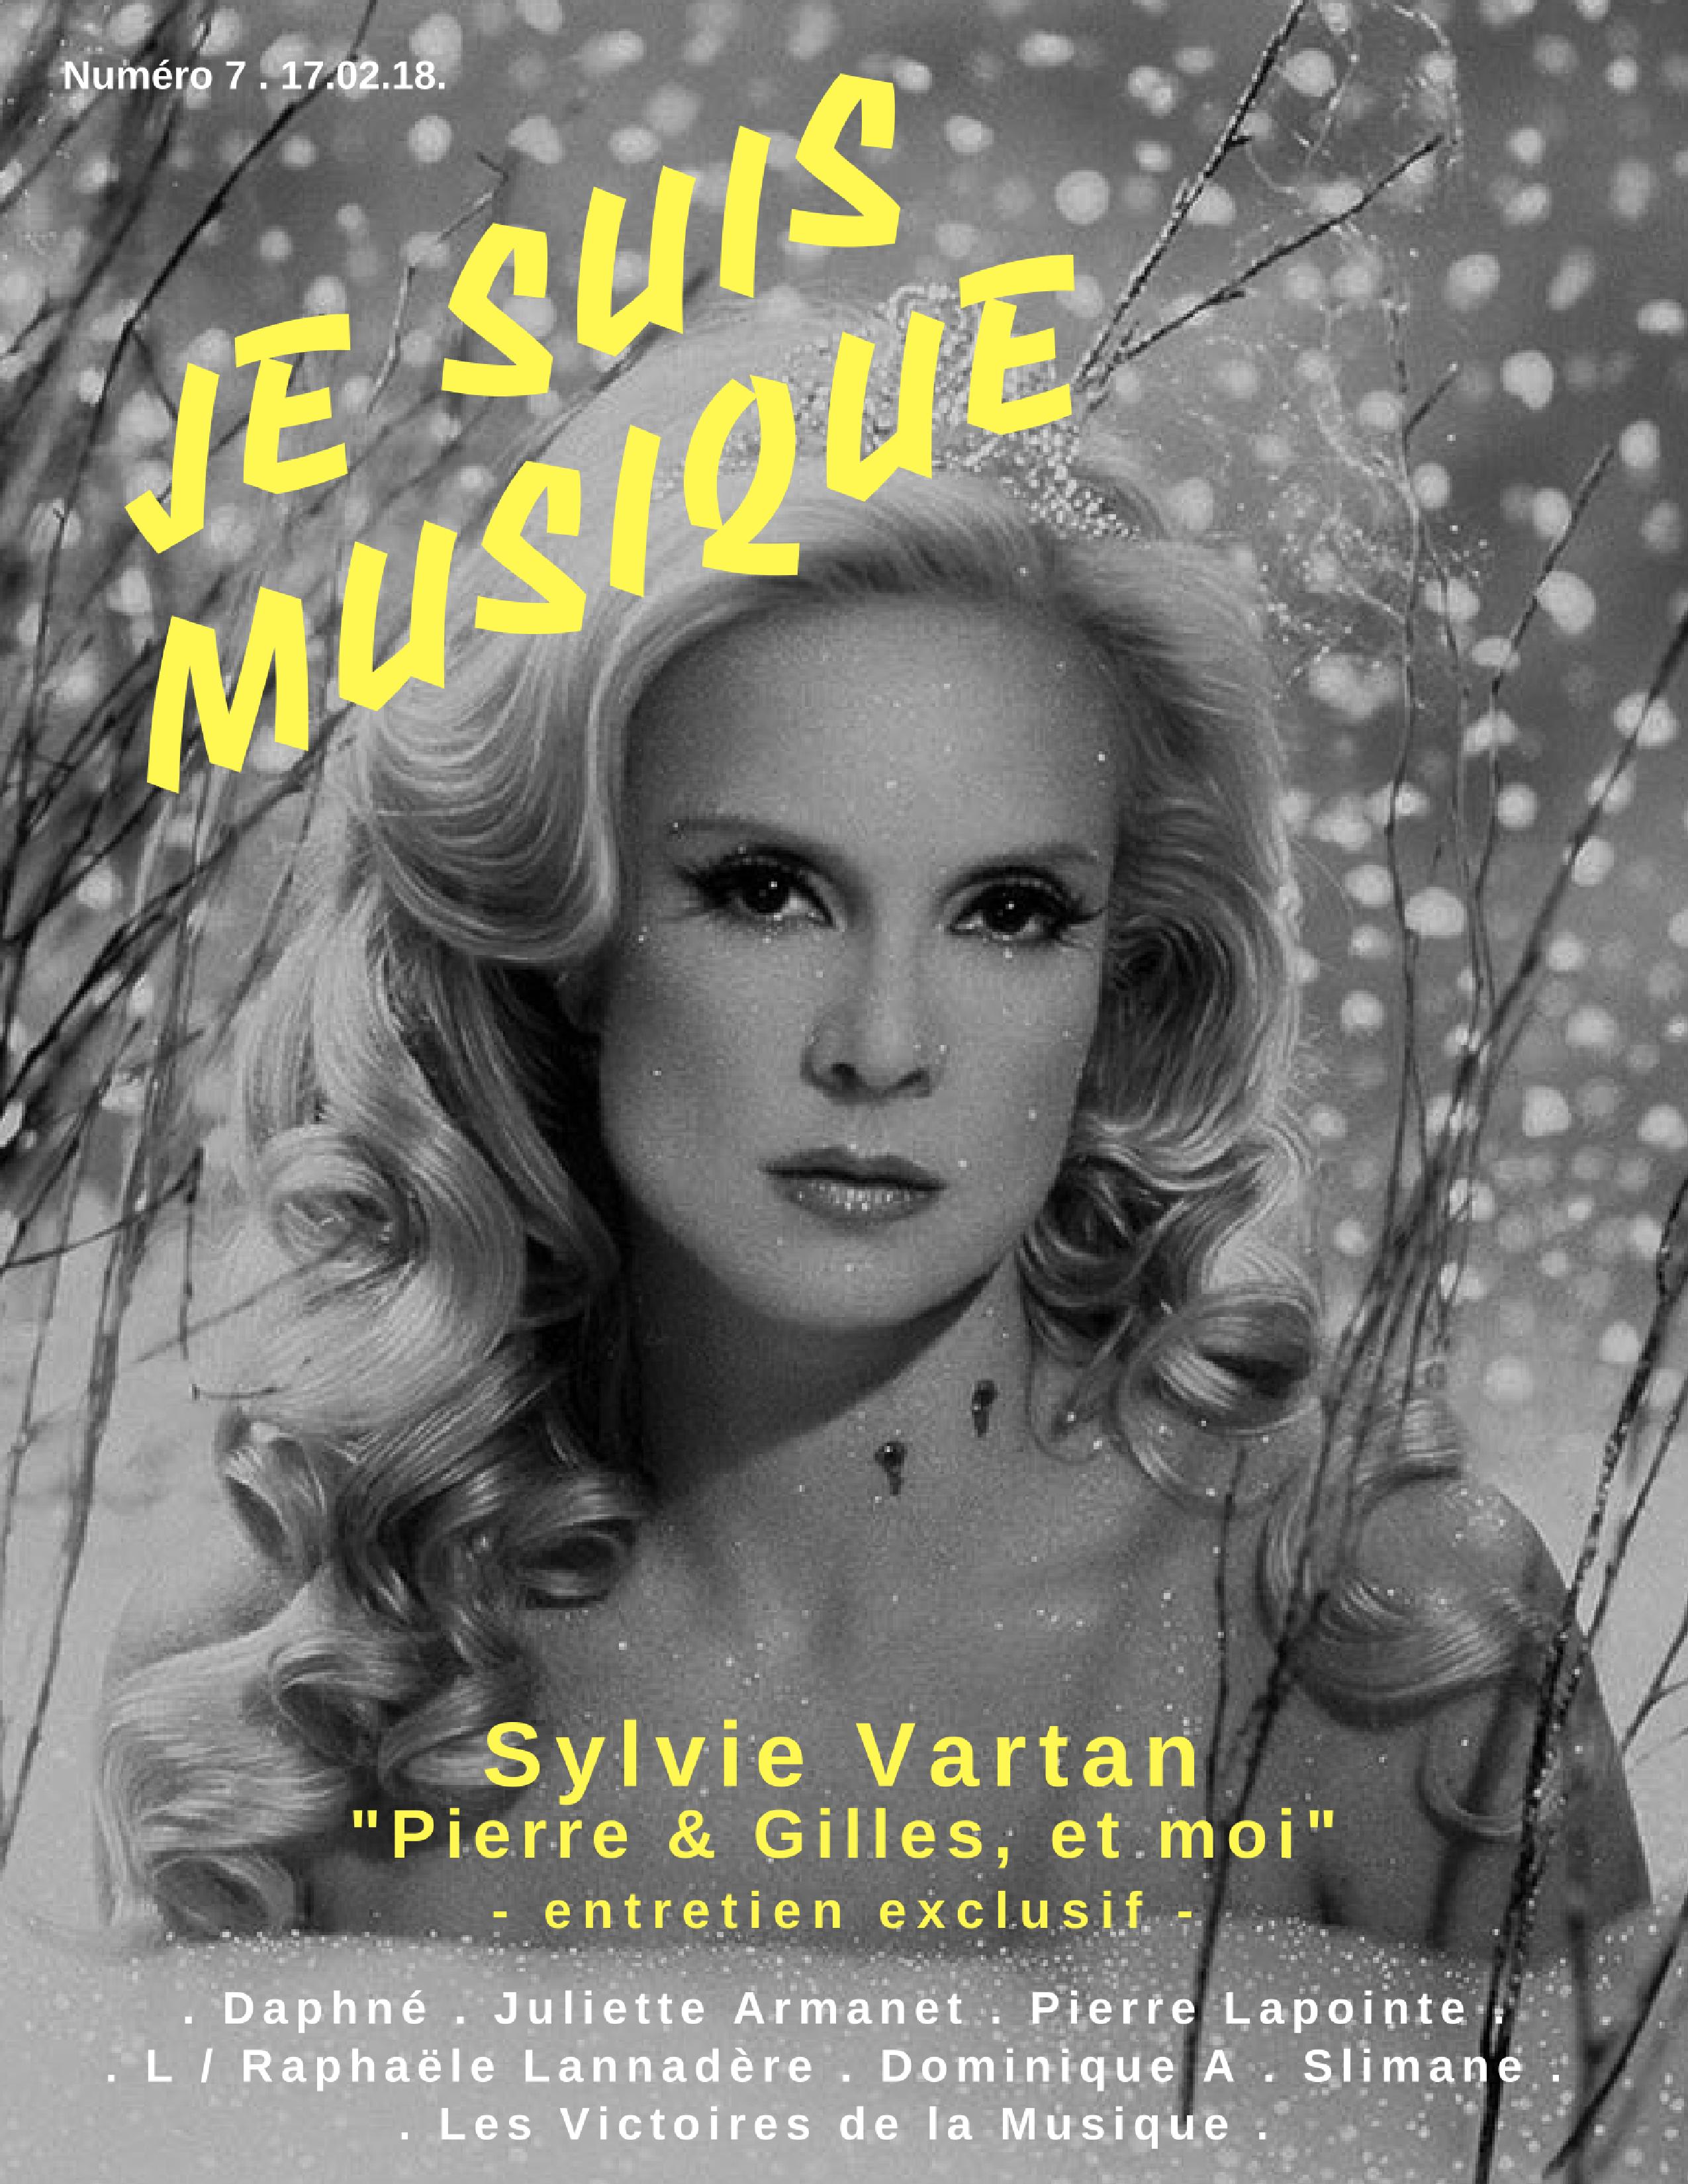 JSM 7 JeSuisMusique Sylvie Vartan Pierre & Gilles COUV DEF (1)